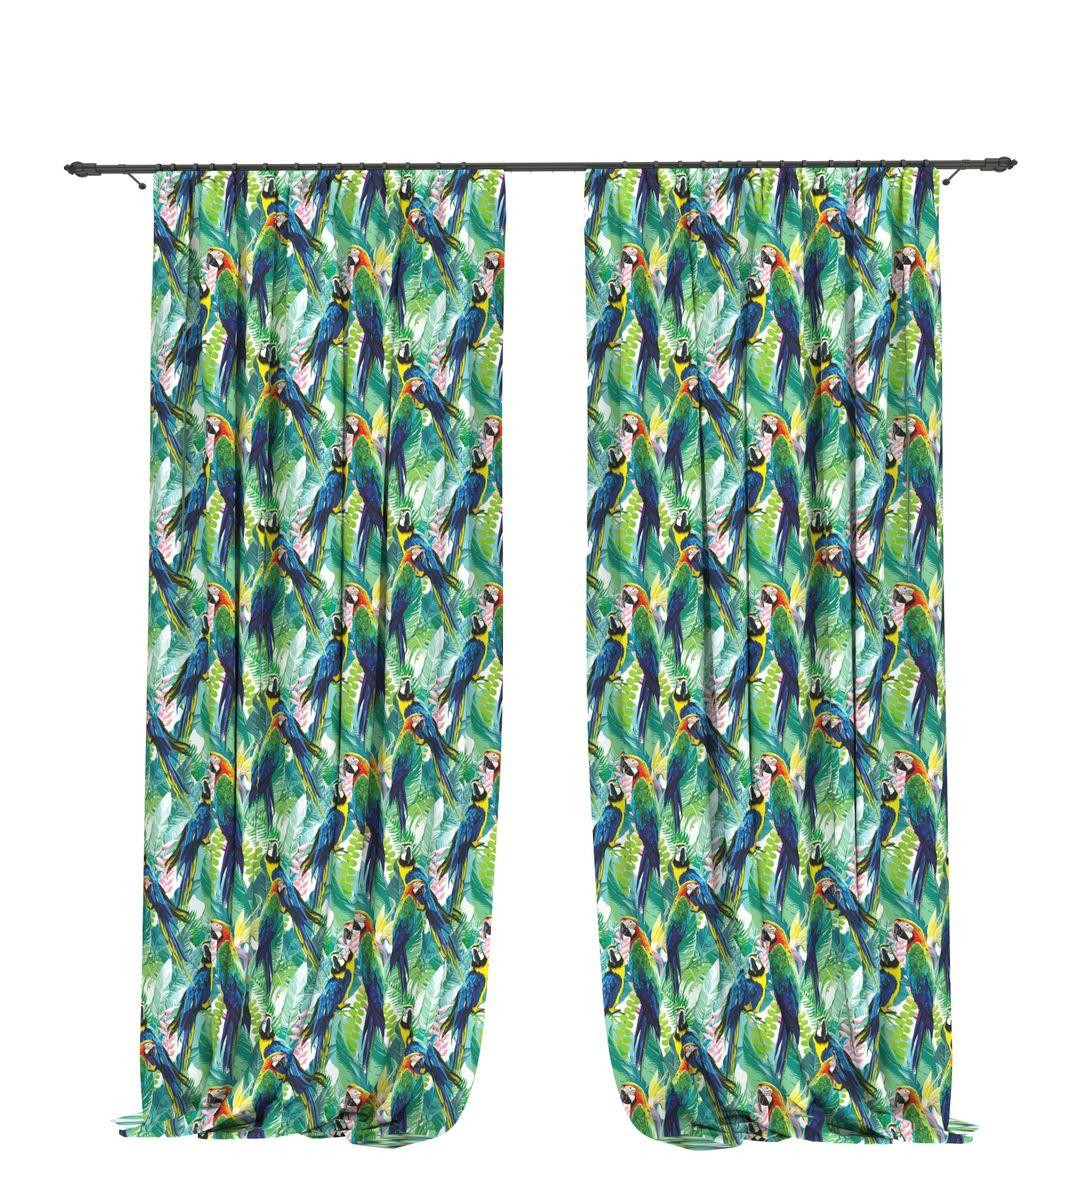 Комплект фотоштор Bellino Home Два попугая, высота 260 см. 05528-ФШ-ГБ-00105528-ФШ-ГБ-001Комплект фотоштор BELLINO HOME, коллекция Тропики. Рожденный вдоль экватора тропический стиль смешивает множество культур и традиций в единое целое. Эта коллекция подобно котлу, в котором варятся туземные материалы, элегантная простота, экзотические мотивы и море солнечного света. Будто бы вечные каникулы: здесь замедляется время и замирает суета мегаполиса. Богатое разнообразие флоры и фауны способно преобразить атмосферу любого интерьера. Крепление на карниз при помощи шторной ленты на крючки. В комплекте: Портьера: 2 шт. Размер (ШхВ): 145 см х 260 см. Рекомендации по уходу: стирка при 30 градусах гладить при температуре до 150 градусов Изображение на мониторе может немного отличаться от реального.